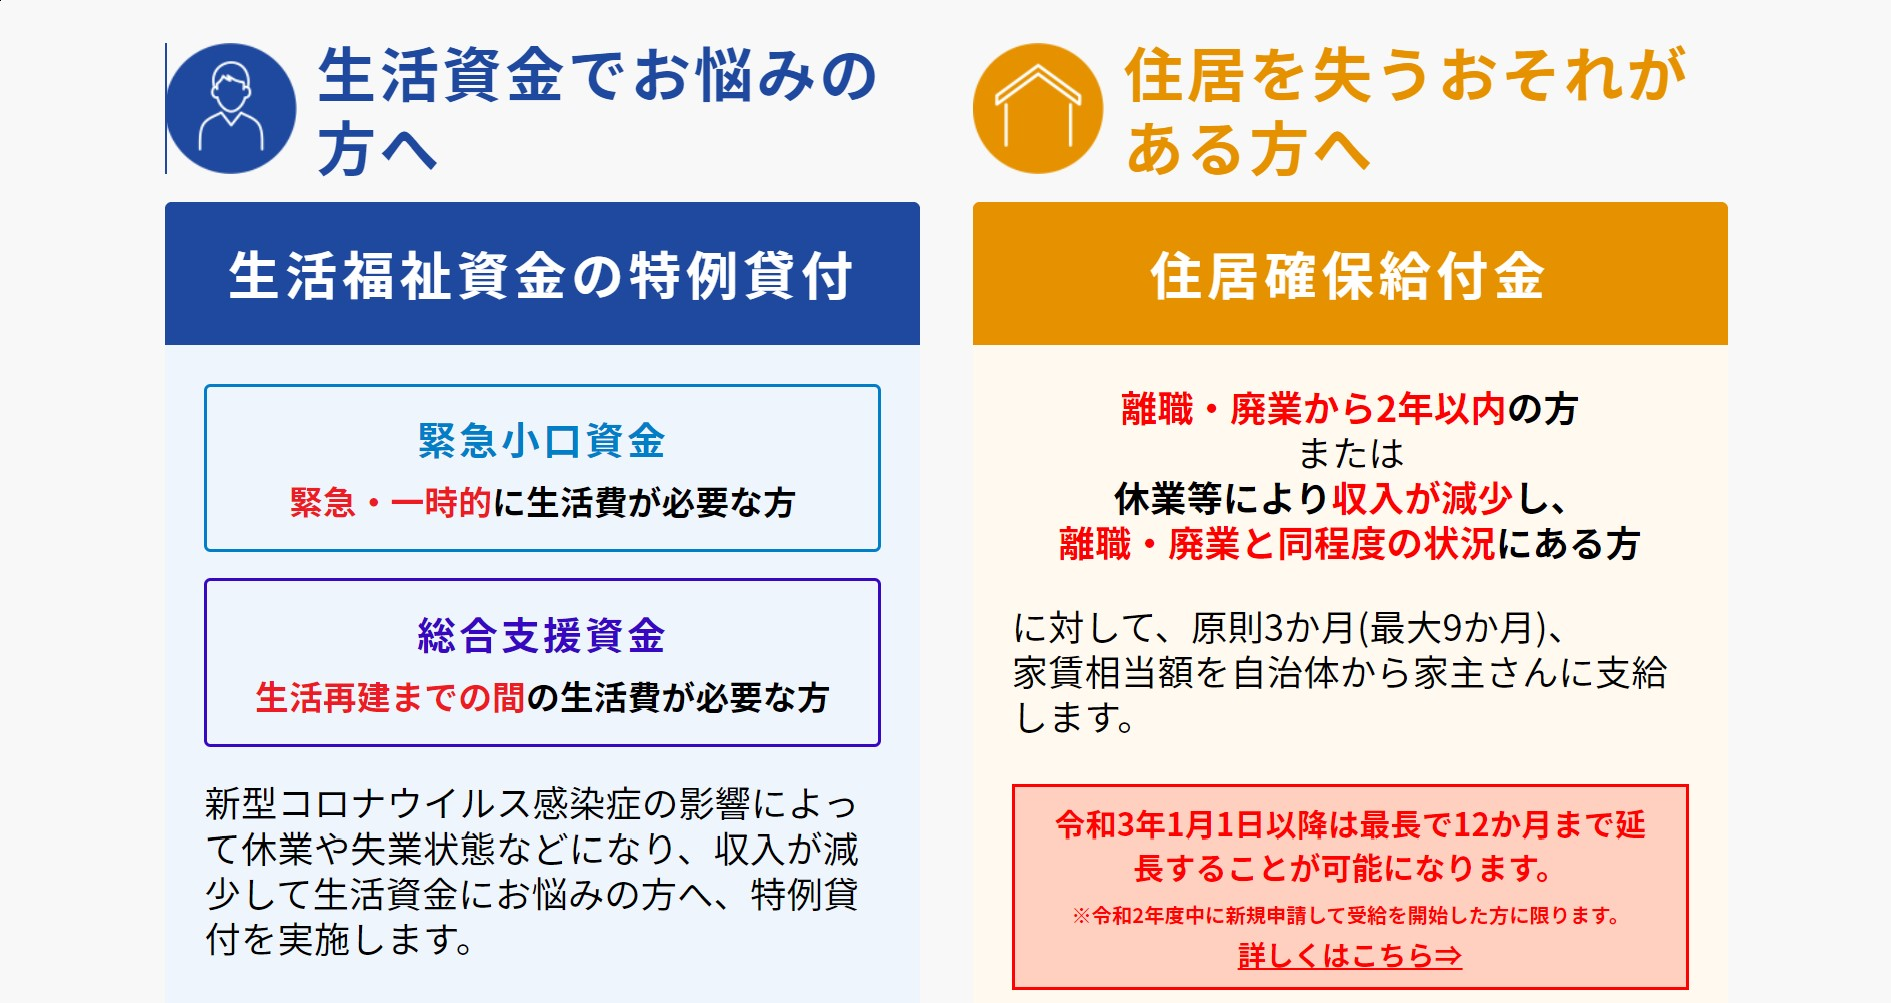 融資制度を説明する厚生労働省のインターネット画面